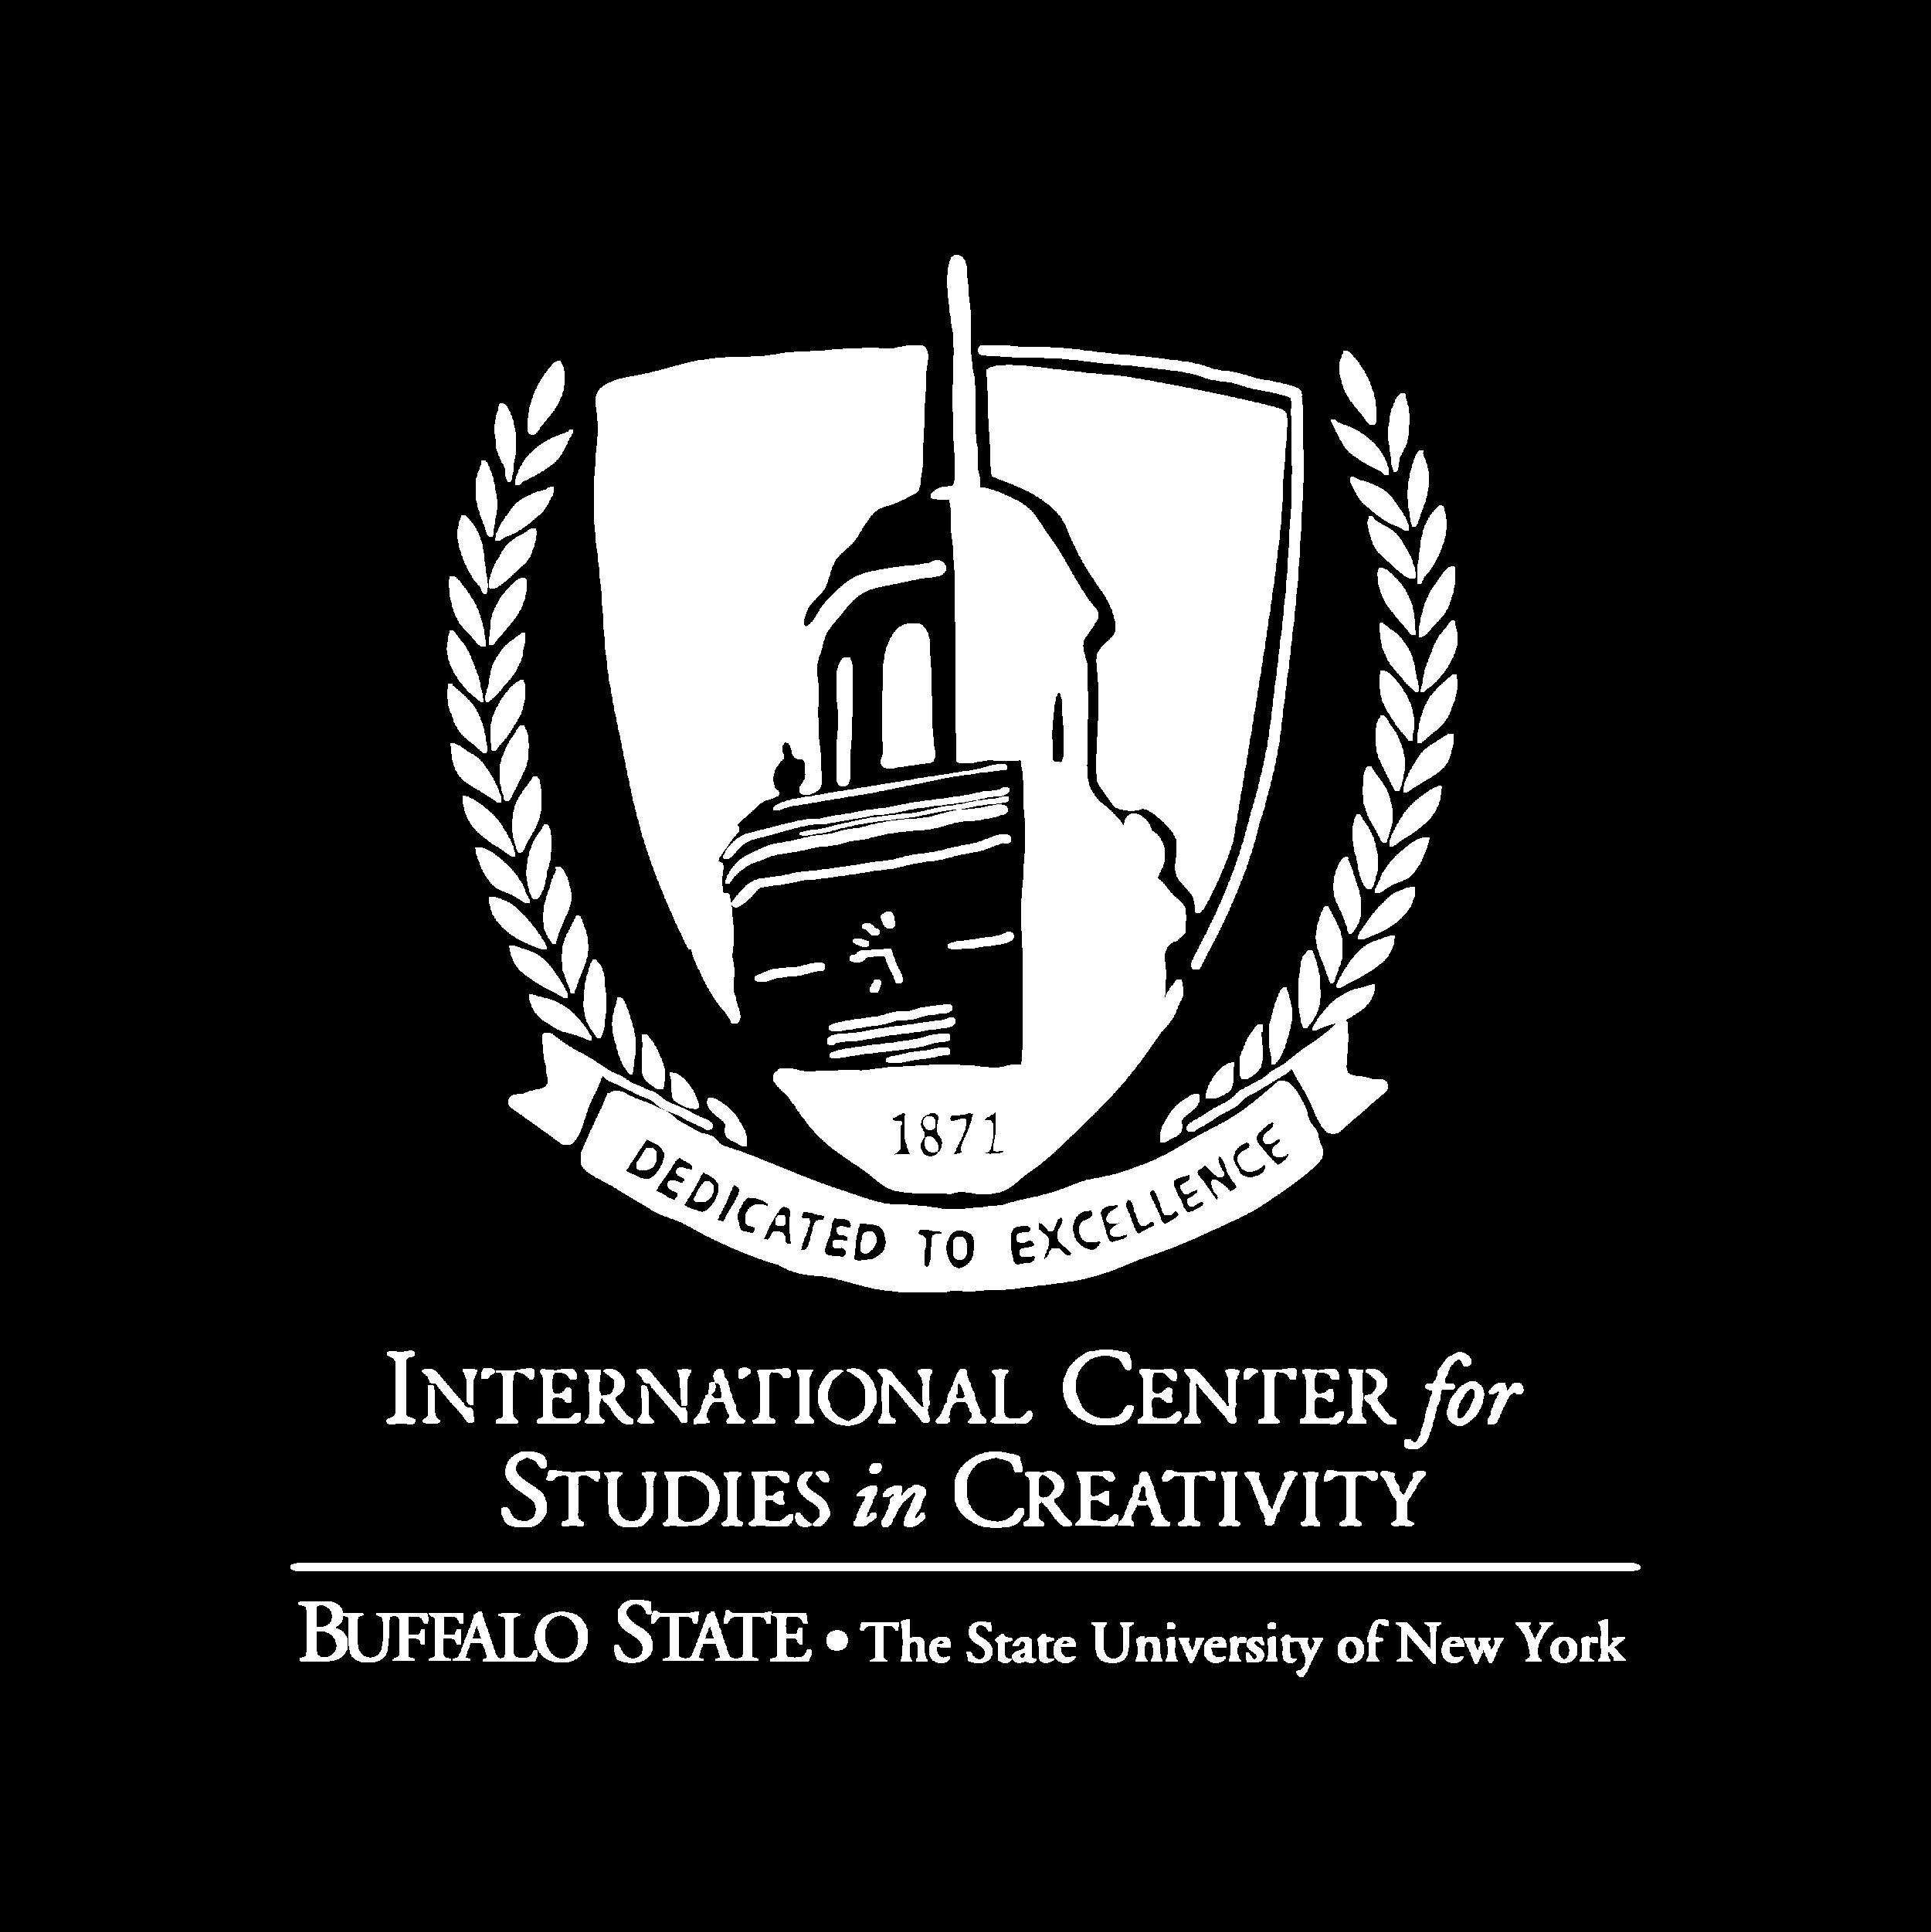 ICSC_logo_Square_White.png